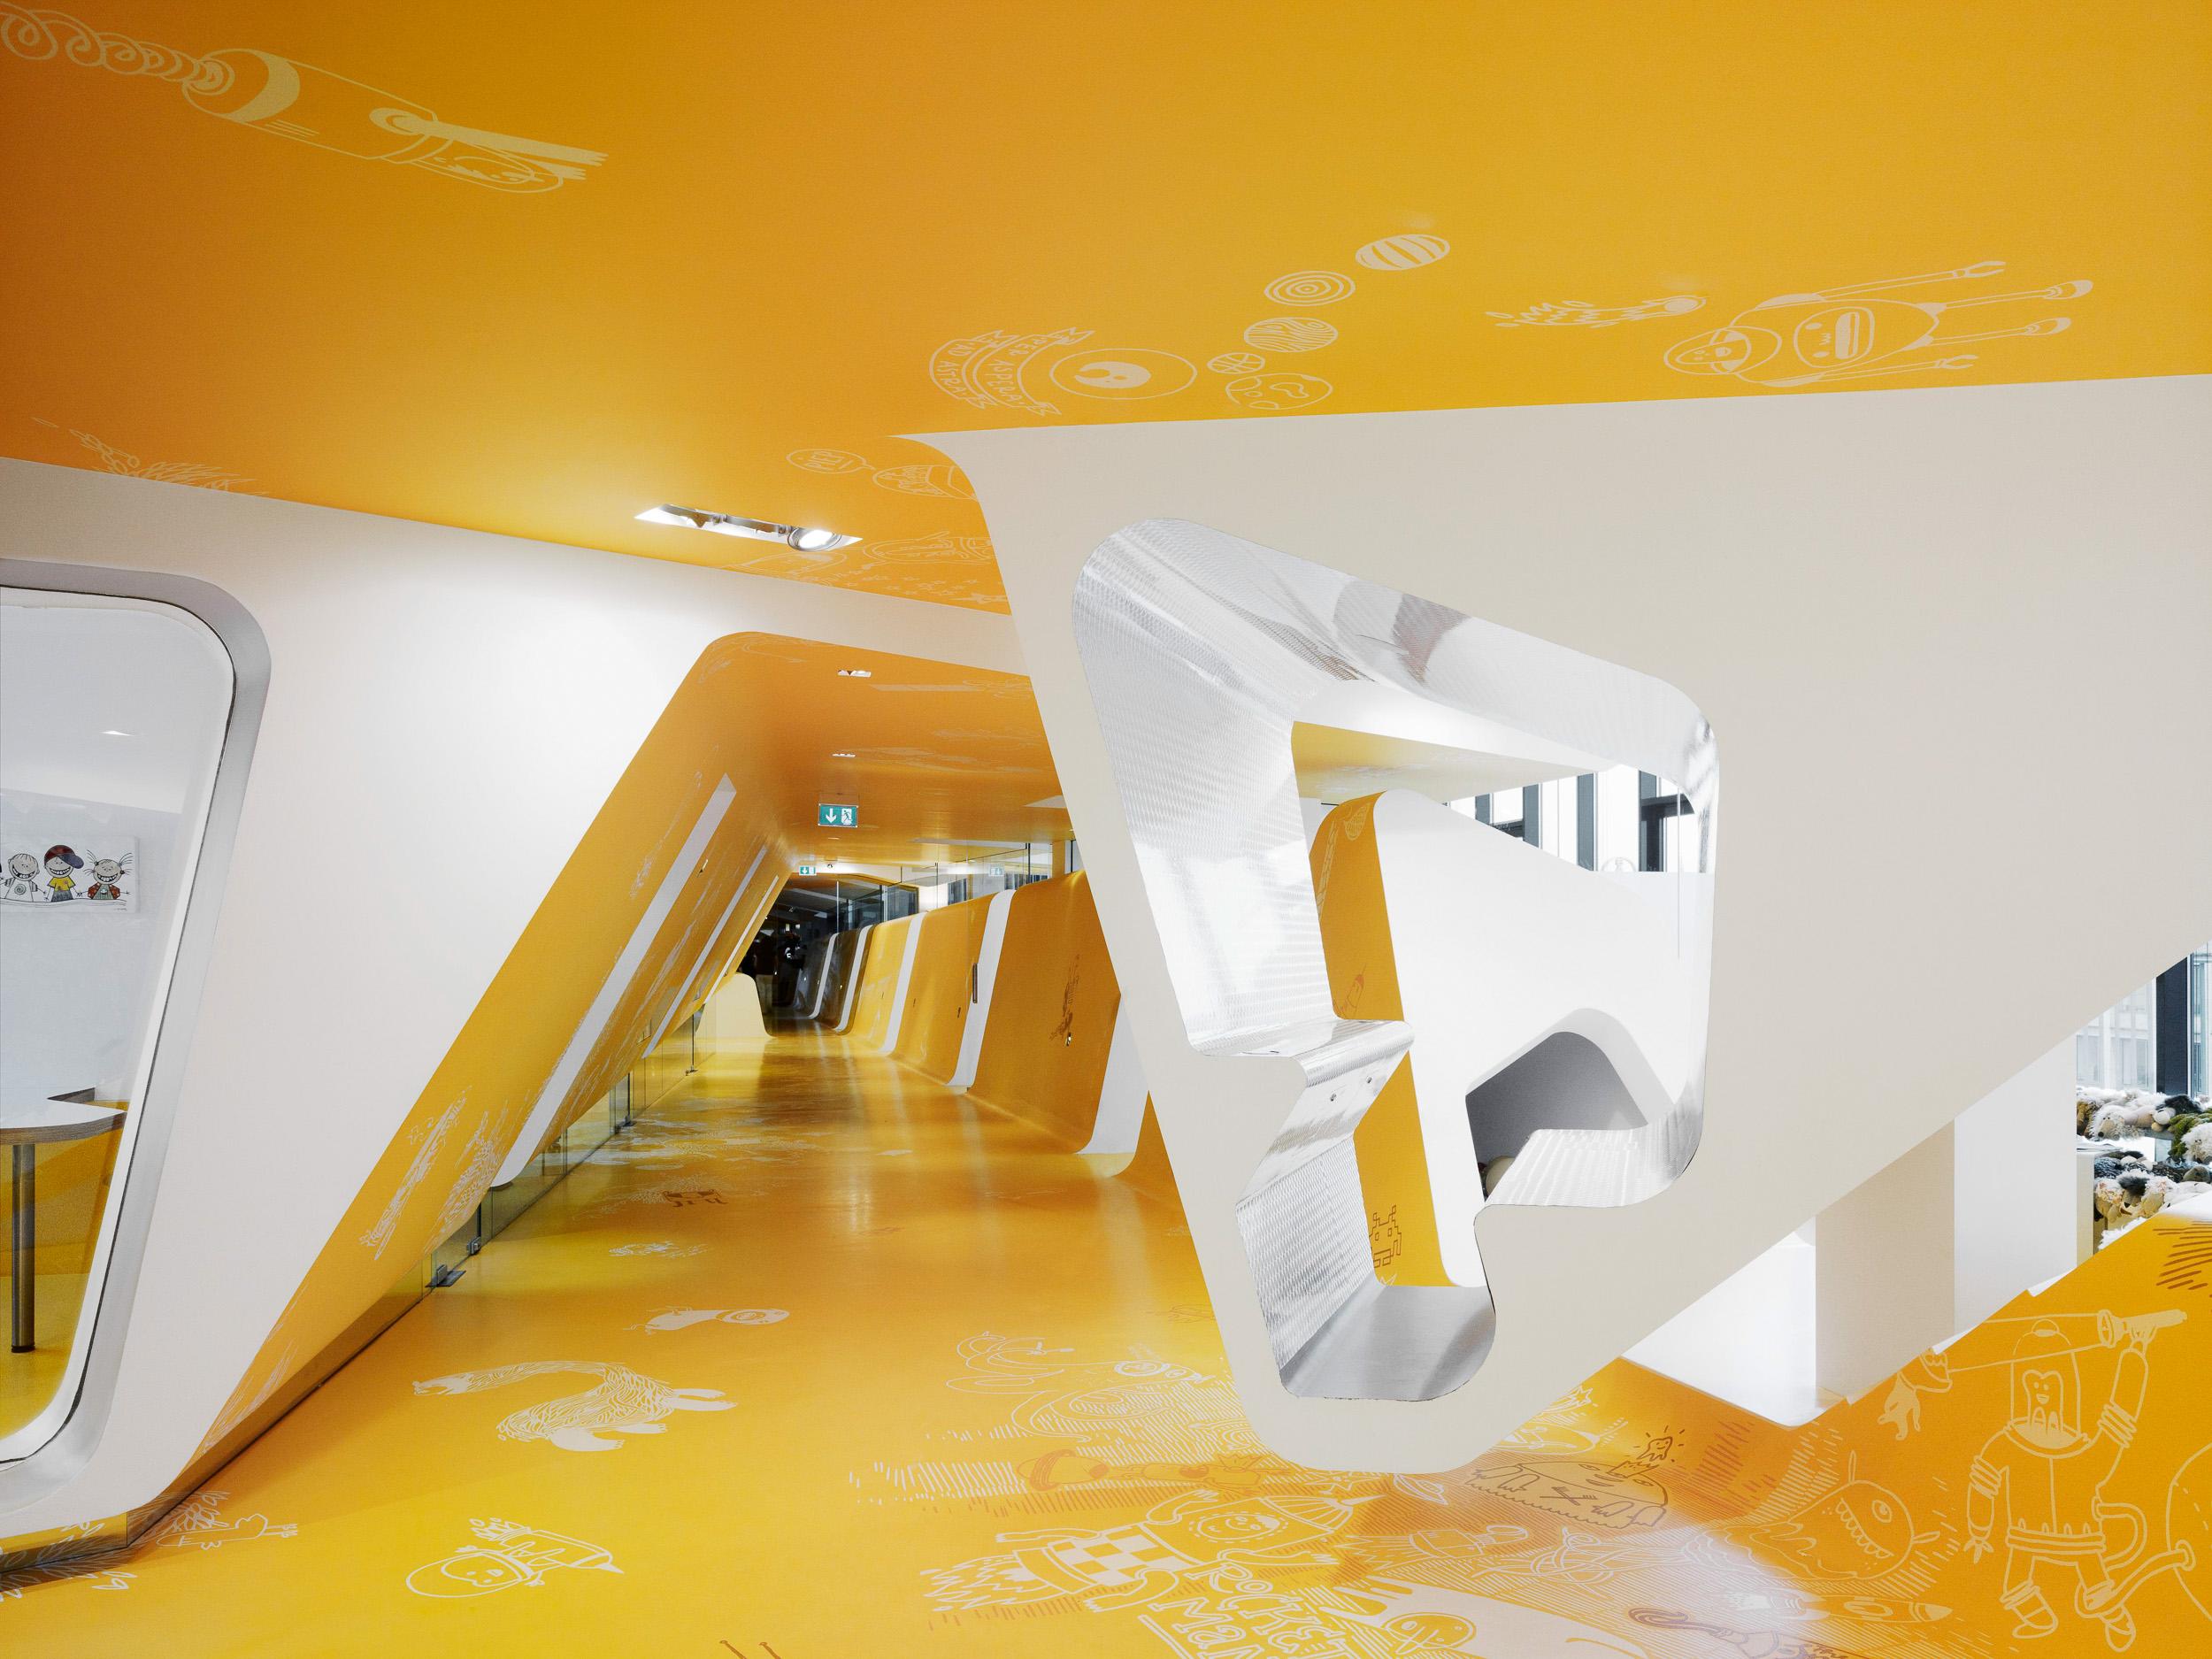 Flur-KU64-Kinderzahnarzt-Berlin-Graft-Architekten-HIBR_D_00054710_SEND-2.jpg